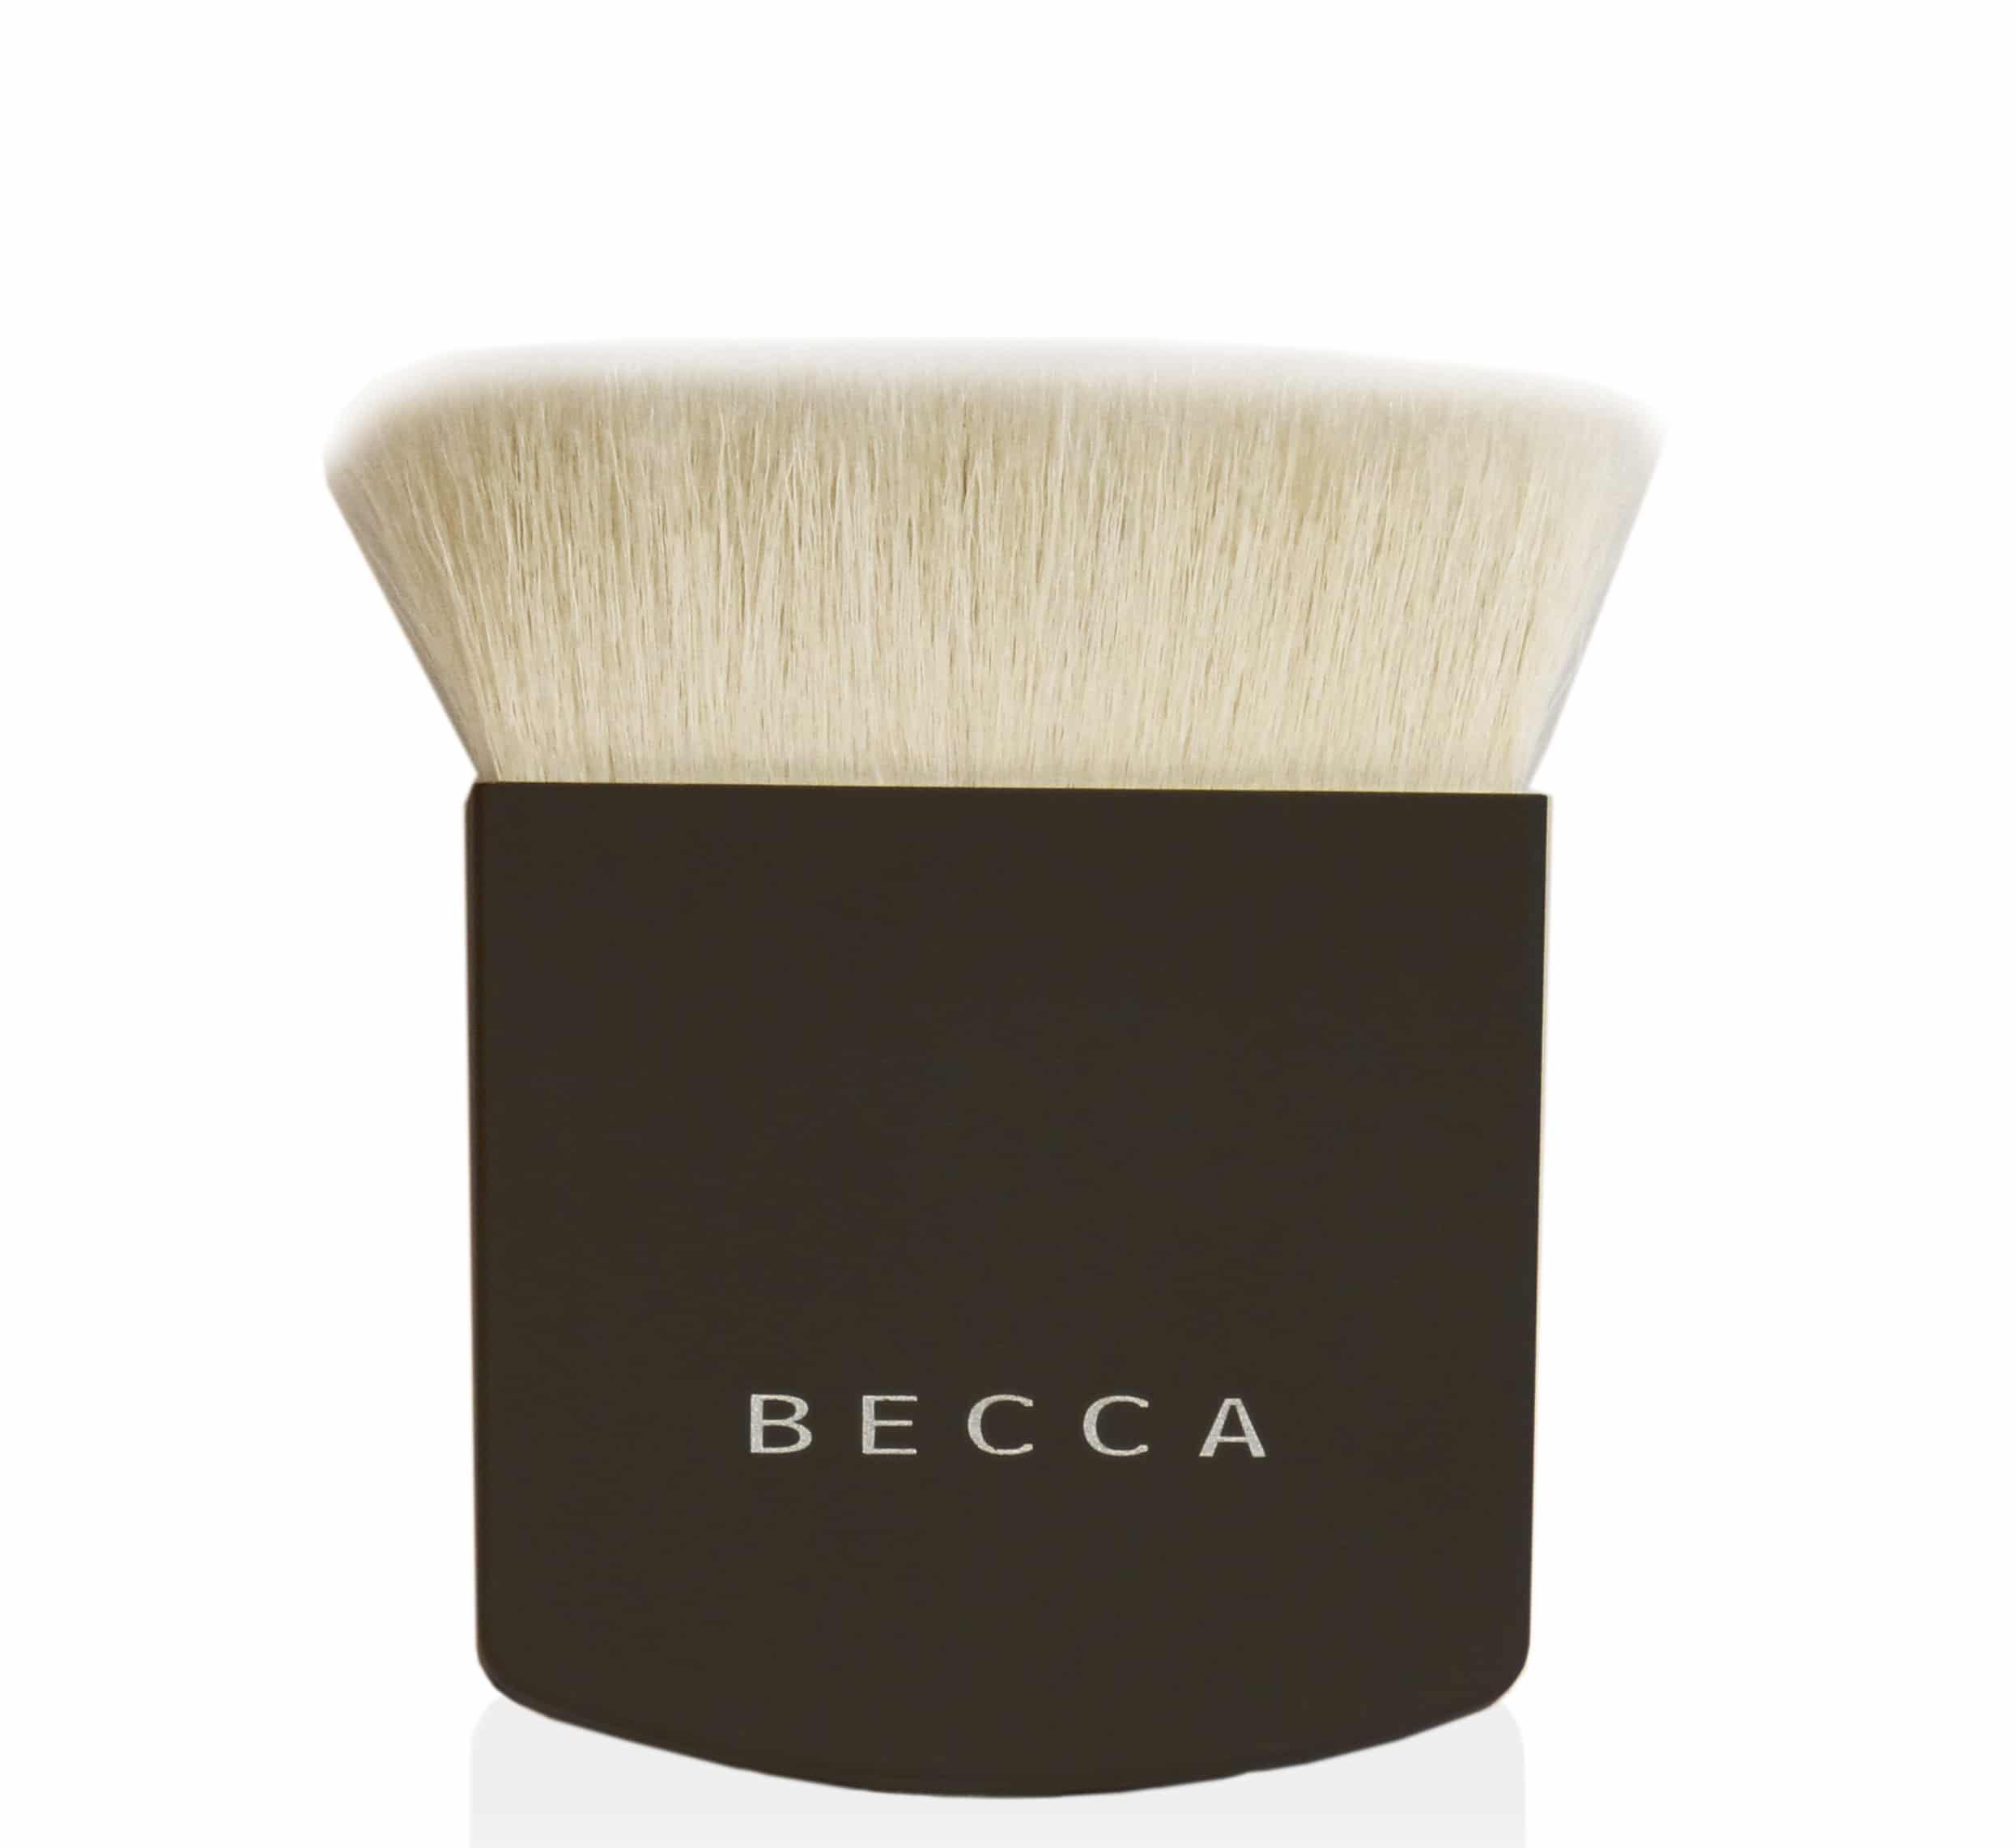 Becca The One Perfecting Brush: un pennello rivoluzionario e versatile, adatto per stendere ogni tipo di prodotto